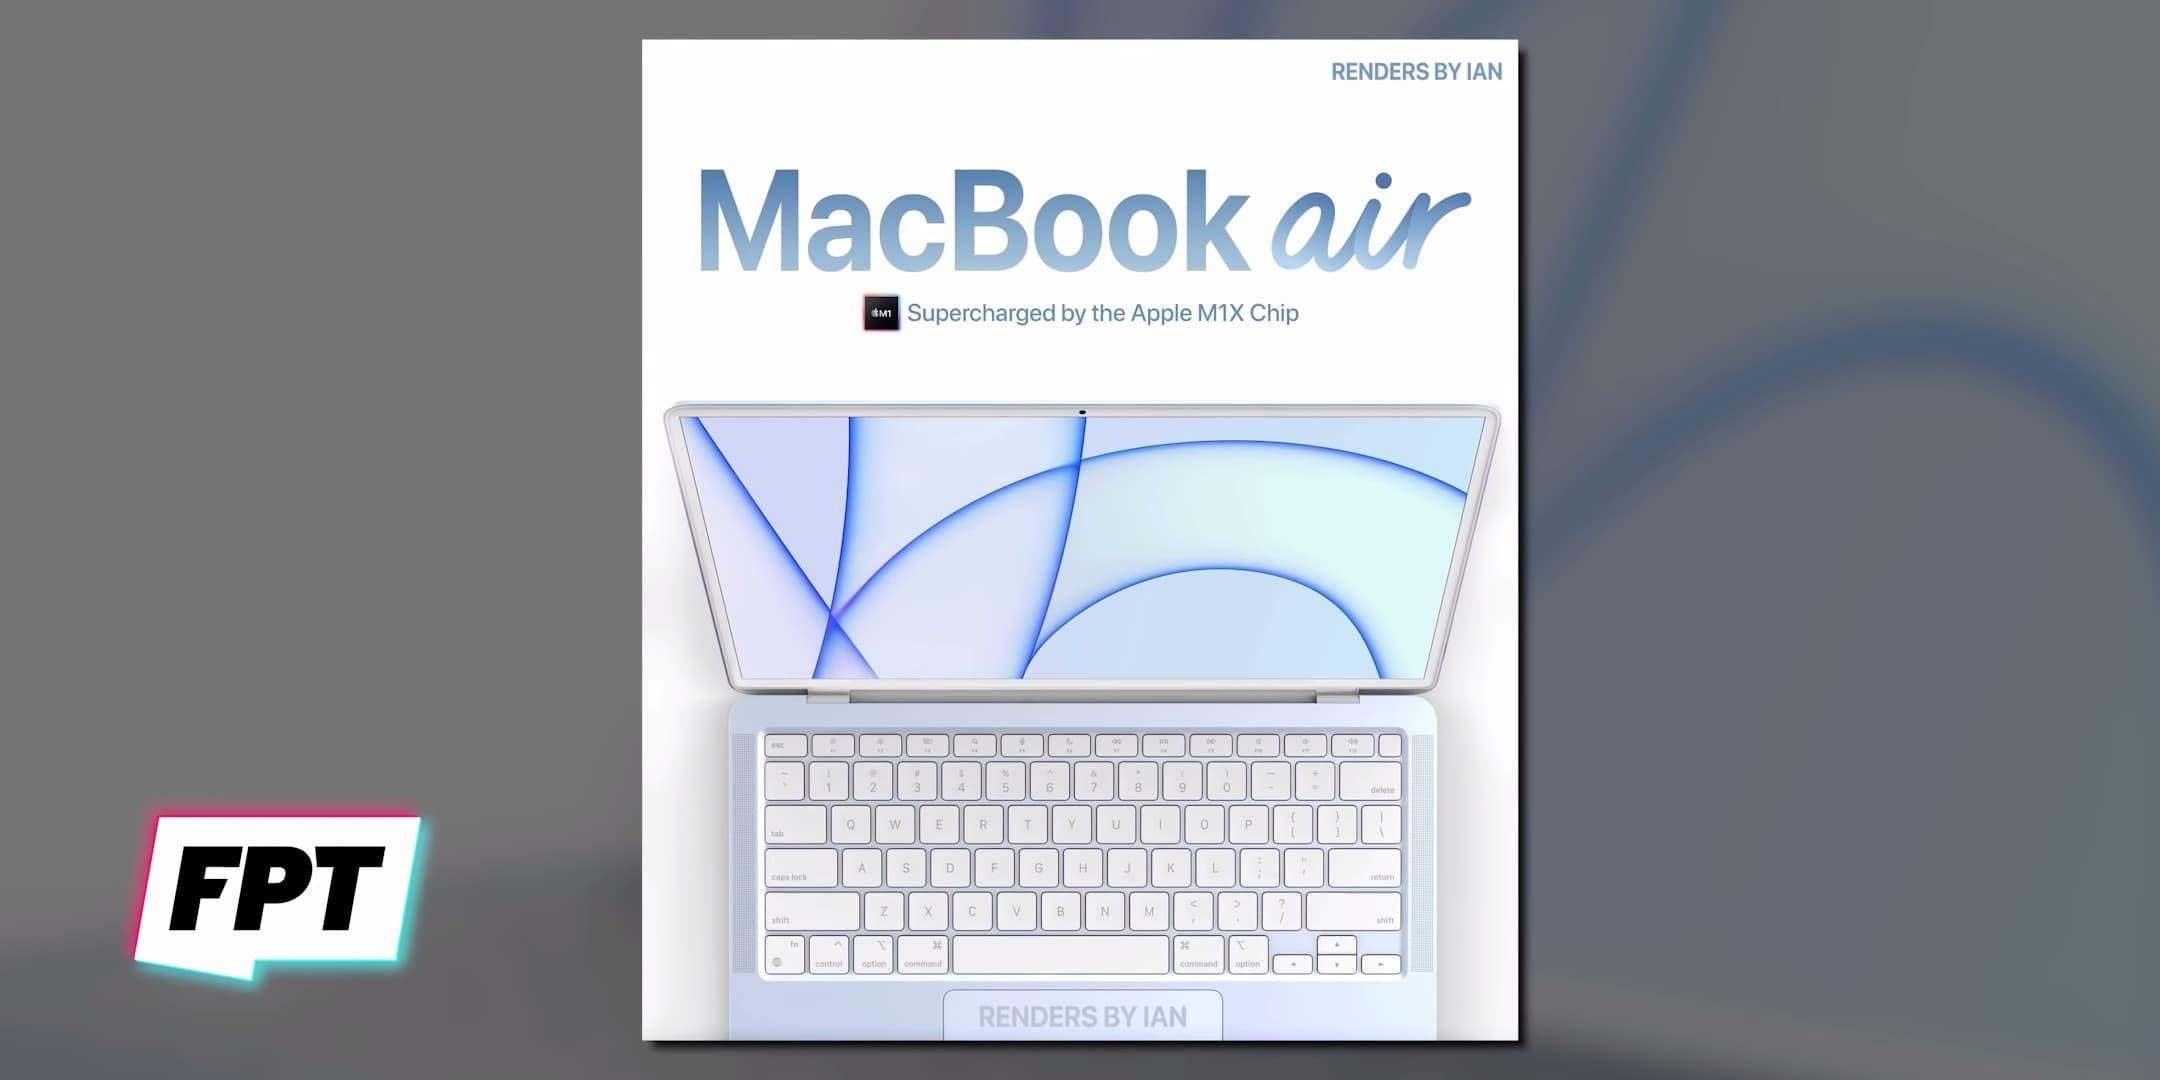 蘋果藍色款MacBook Air 2021模擬圖2